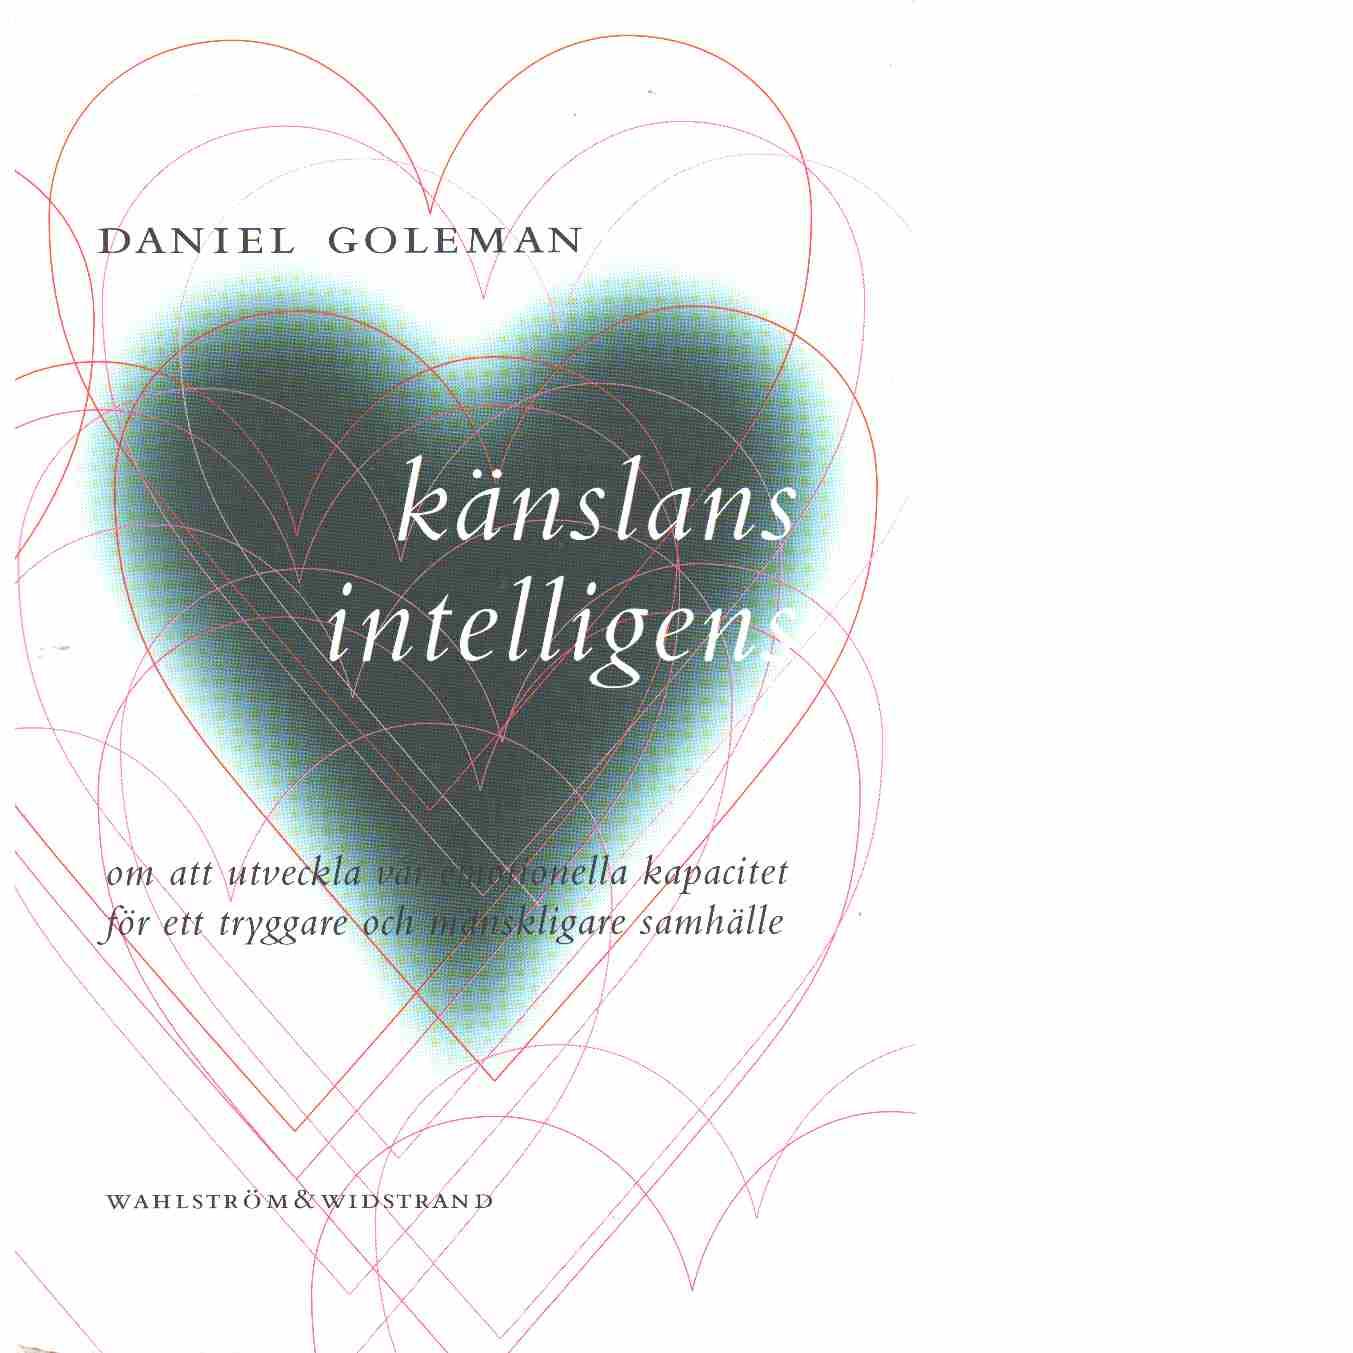 Känslans intelligens : om att utveckla vår emotionella kapacitet för ett tryggare och mänskligare samhälle  - Goleman, Daniel